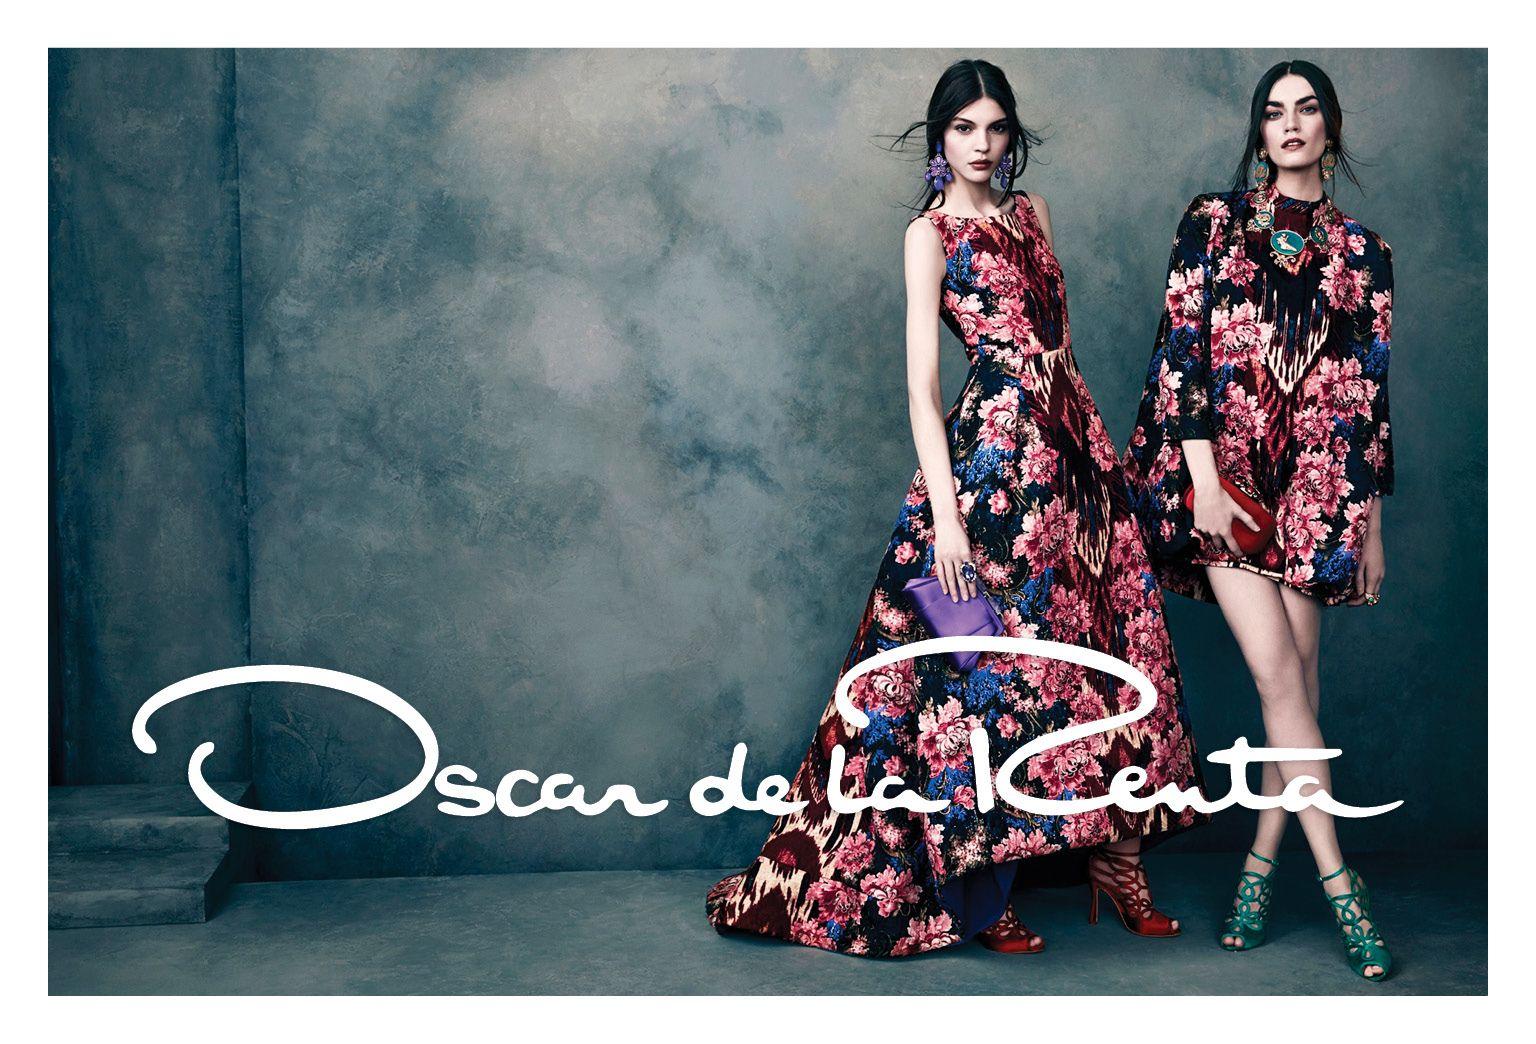 Oscar de la Renta 2013 campaign